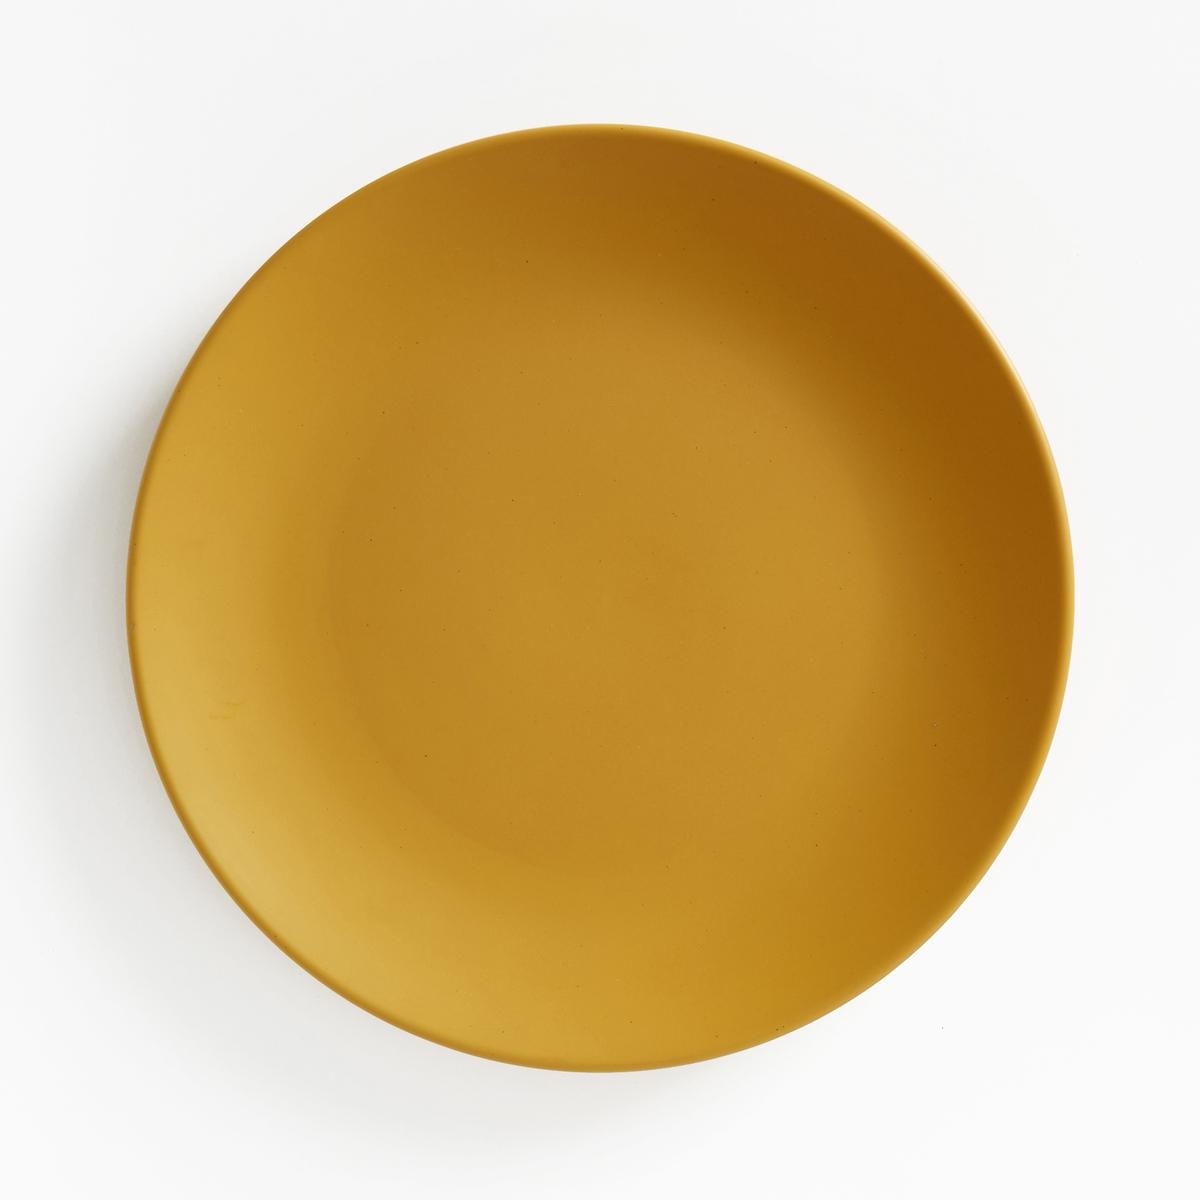 Комплект из 4 мелких тарелок из фаянса с матовой отделкой, M?lya4 мелкие тарелки из фаянса с матовой отделкой M?lya. Завтрак, обед или ужин, La Redoute Int?rieurs Вас приглашает к столу.Характеристики 4 мелких тарелок из фаянса с матовой отделкой M?lya :- Из фаянса с матовой отделкой  .- Диаметр 26,7 см  .- Можно использовать в посудомоечных машинах и микроволновых печах.Десертные и глубокие тарелки M?lya представлены на сайте laredoute.ru<br><br>Цвет: антрацит,бледно-зеленый,горчичный<br>Размер: единый размер